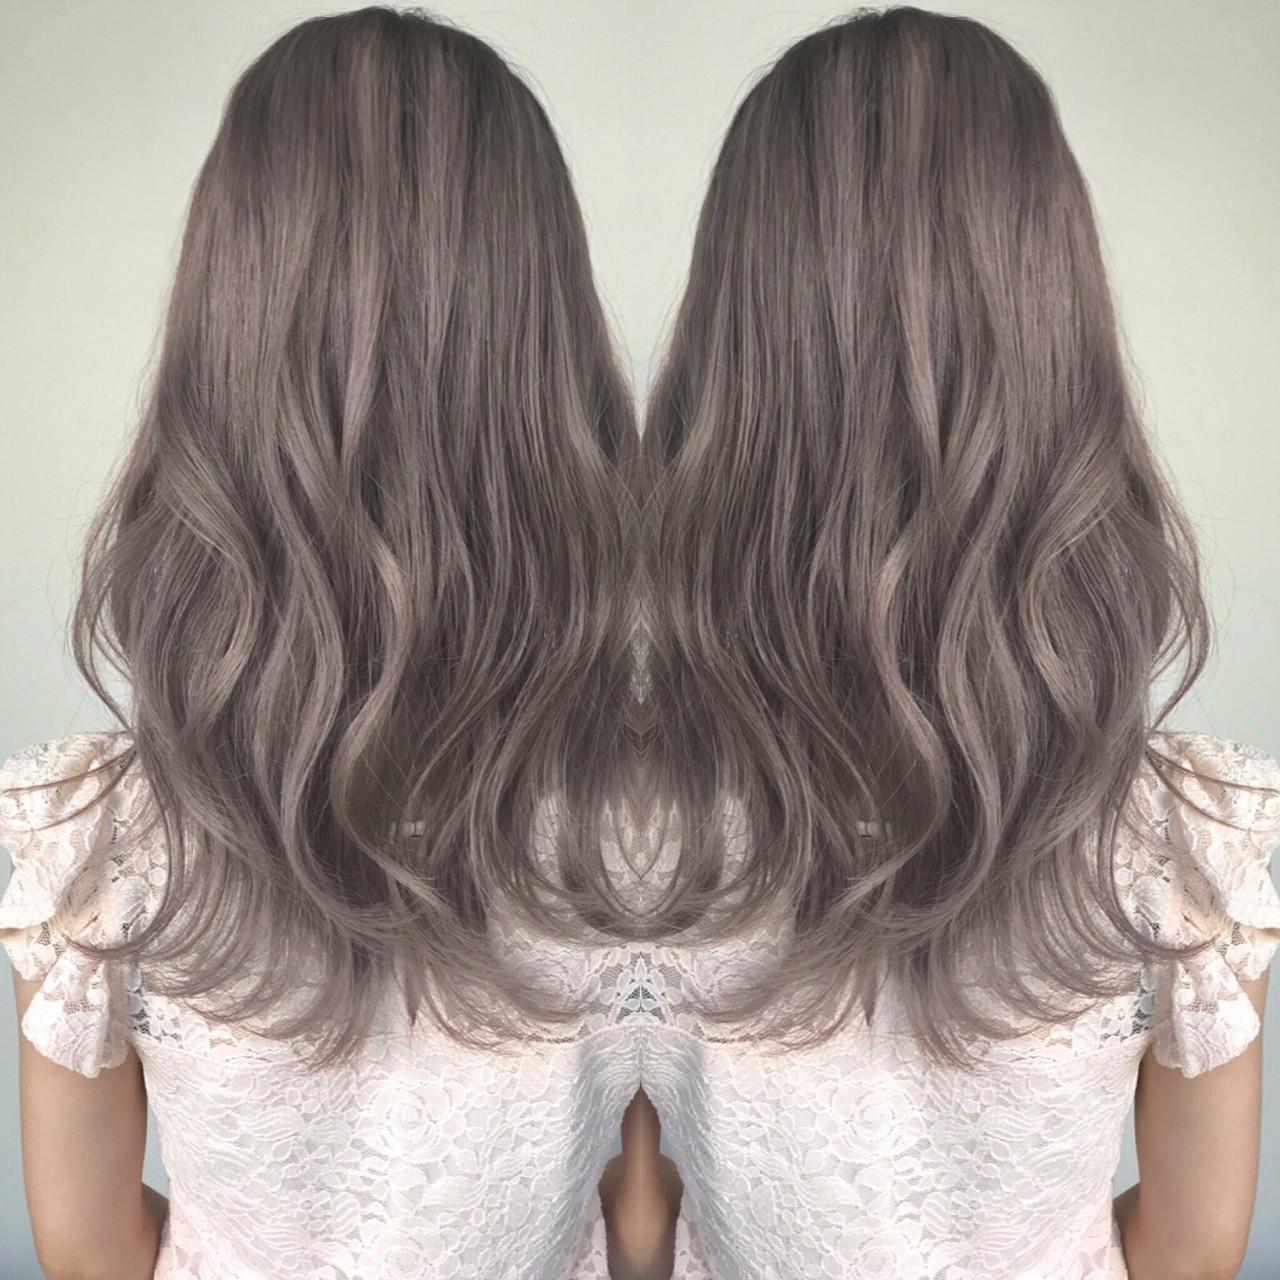 透明感 フェミニン セミロング 外国人風 ヘアスタイルや髪型の写真・画像 | デザインカラー講師 REOMA / BLITZ R-EVOLUT